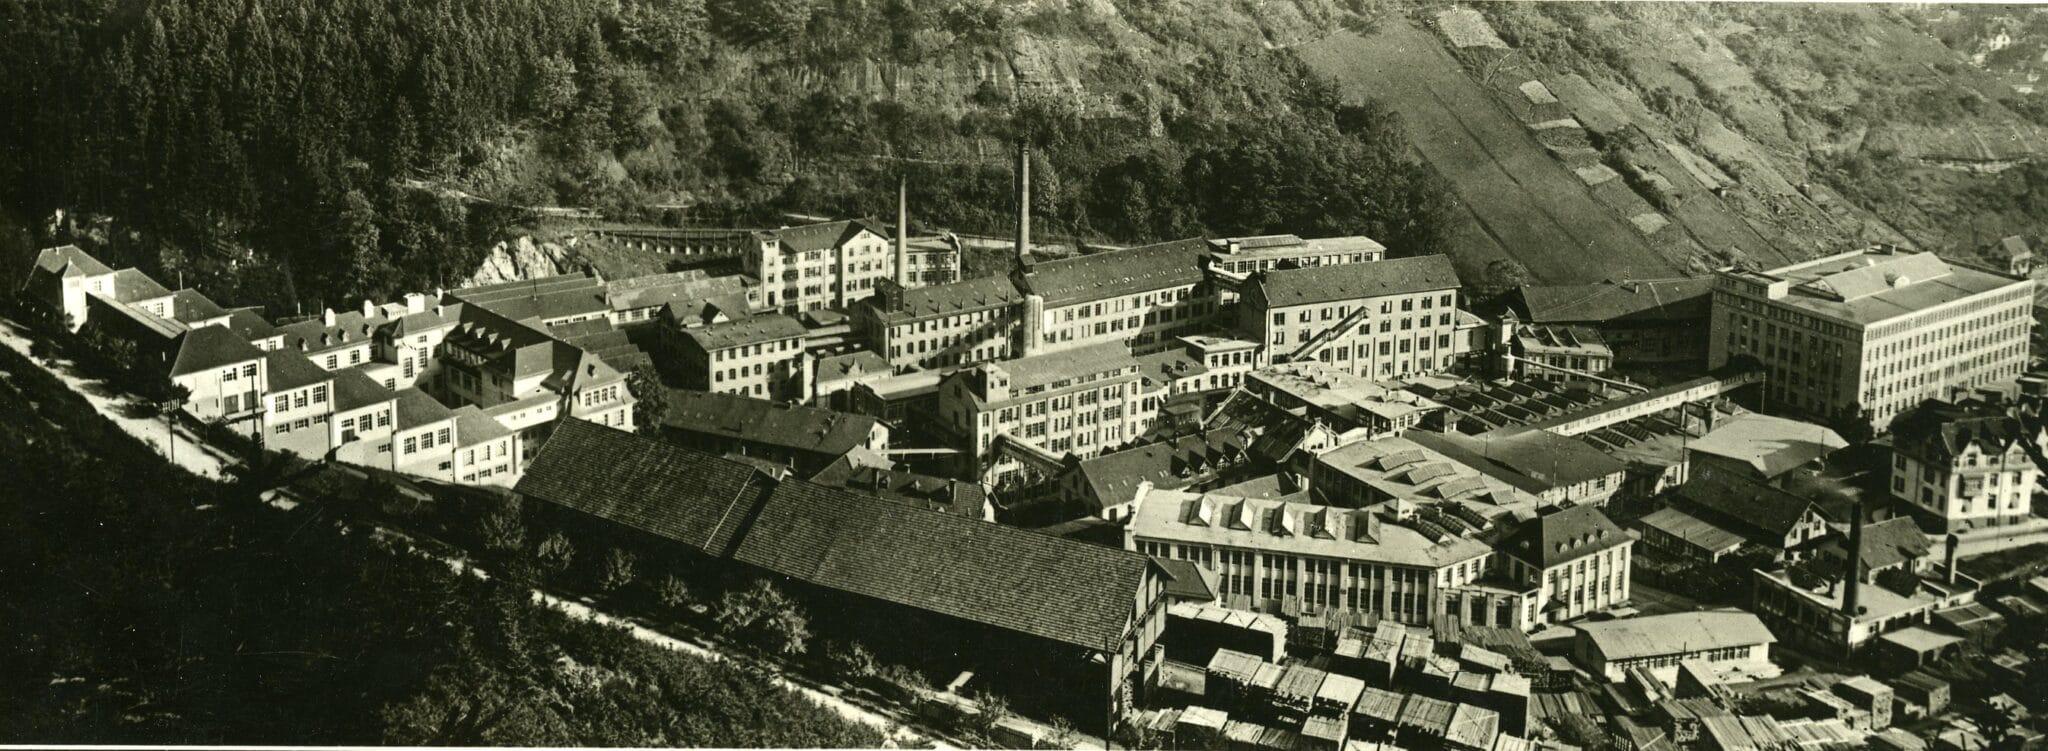 """Die """"Fabrikstadt"""" der Uhrenfabriken Gebrüder Junghans A.G. in Schramberg in den 1920er-Jahren. Fotos: Stadtarchiv und Stadtmuseum Schramberg"""